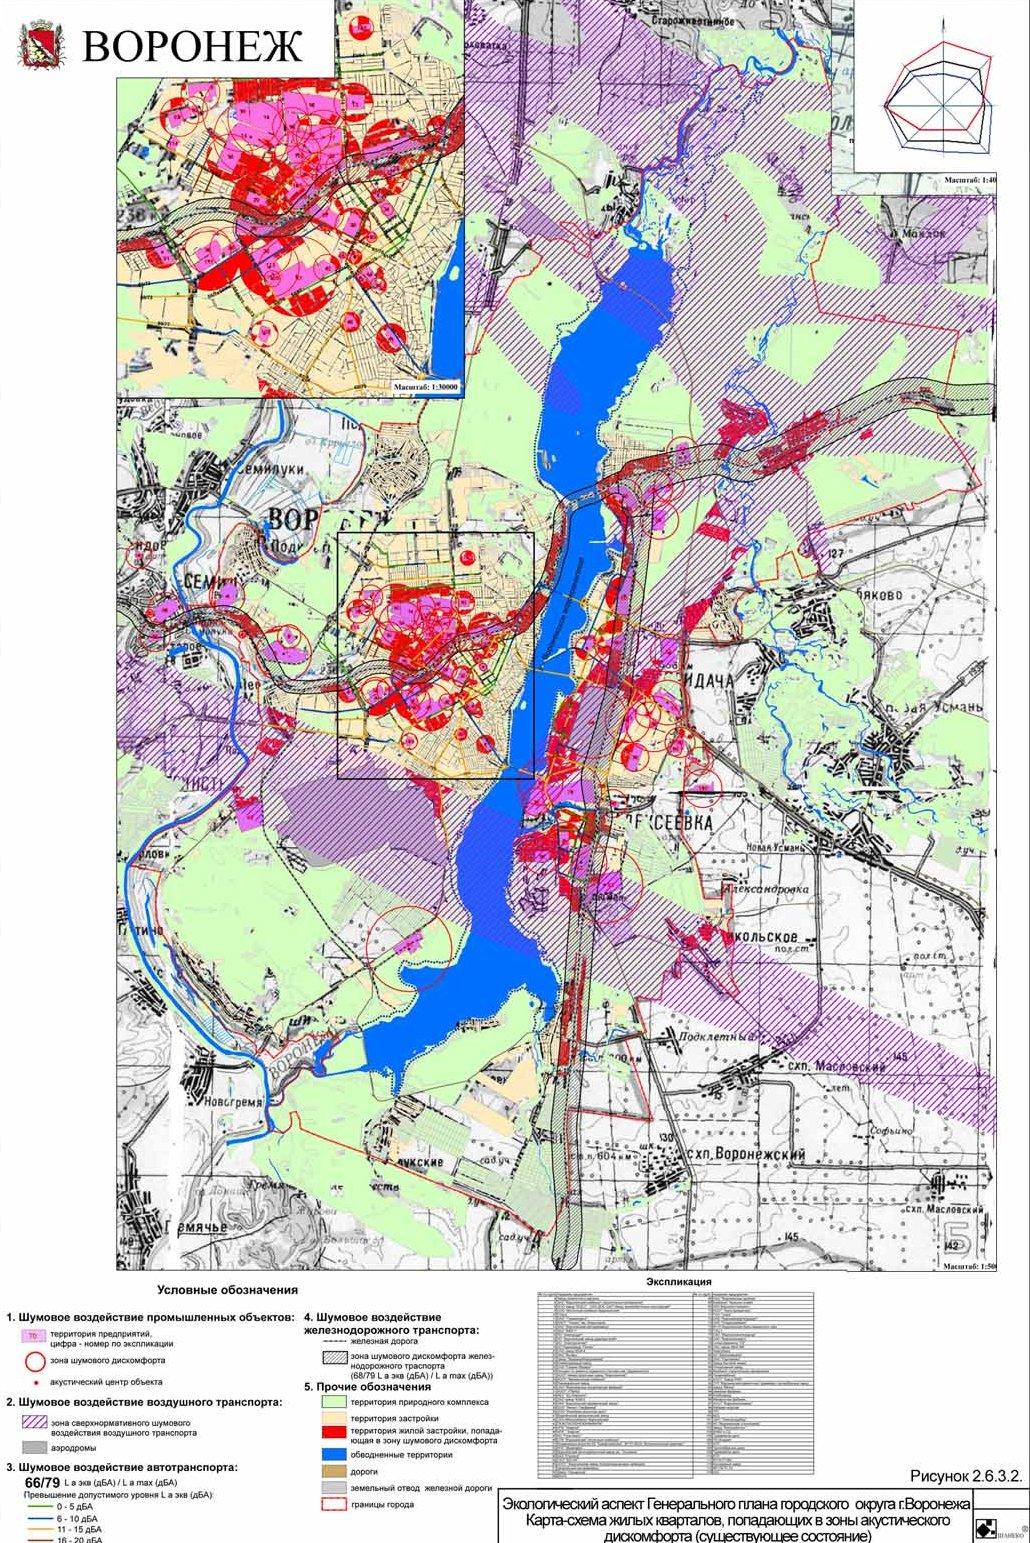 Карта-схема жилых кварталов попадающих в зоны акустического дискомфорта (существующее состояние)